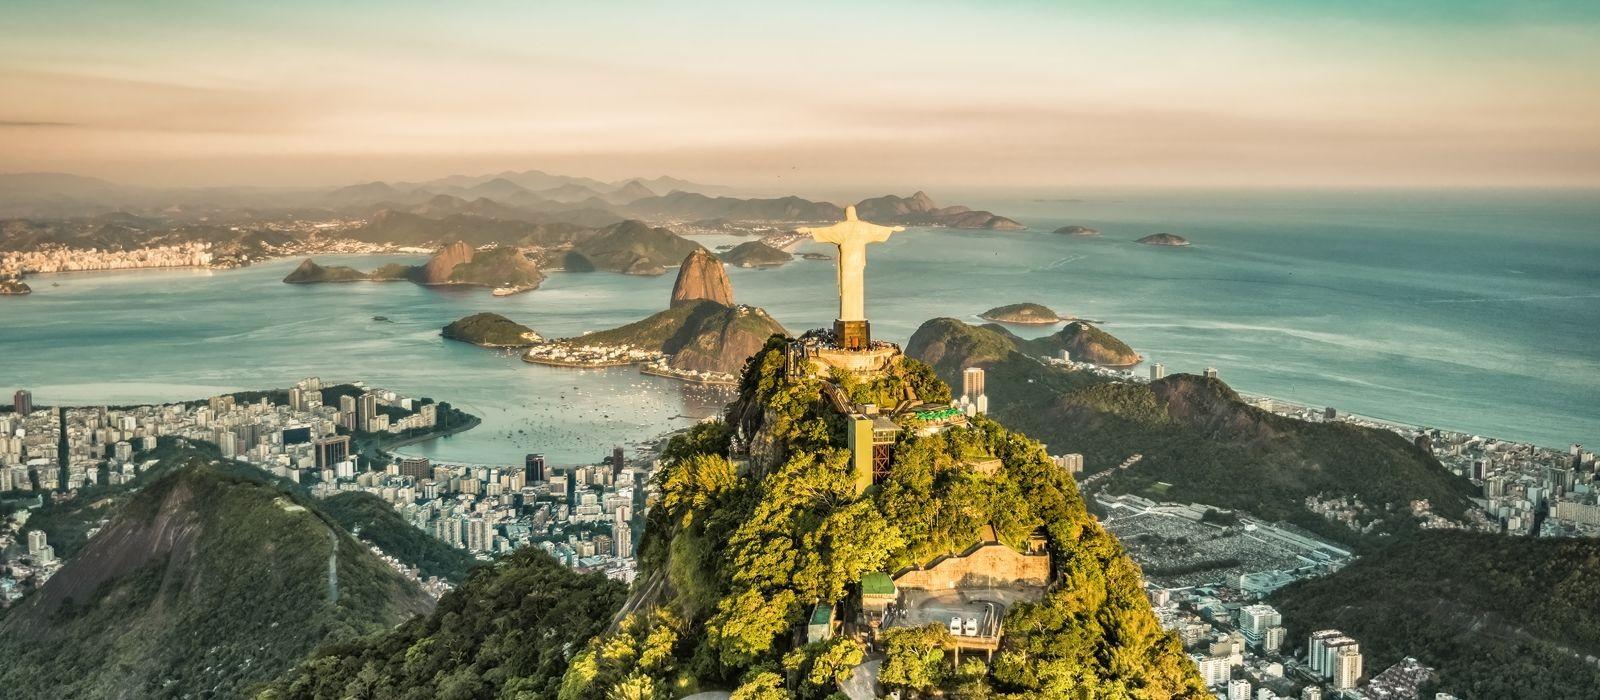 سفرنامه شیما و علی به برزیل قسمت دوم